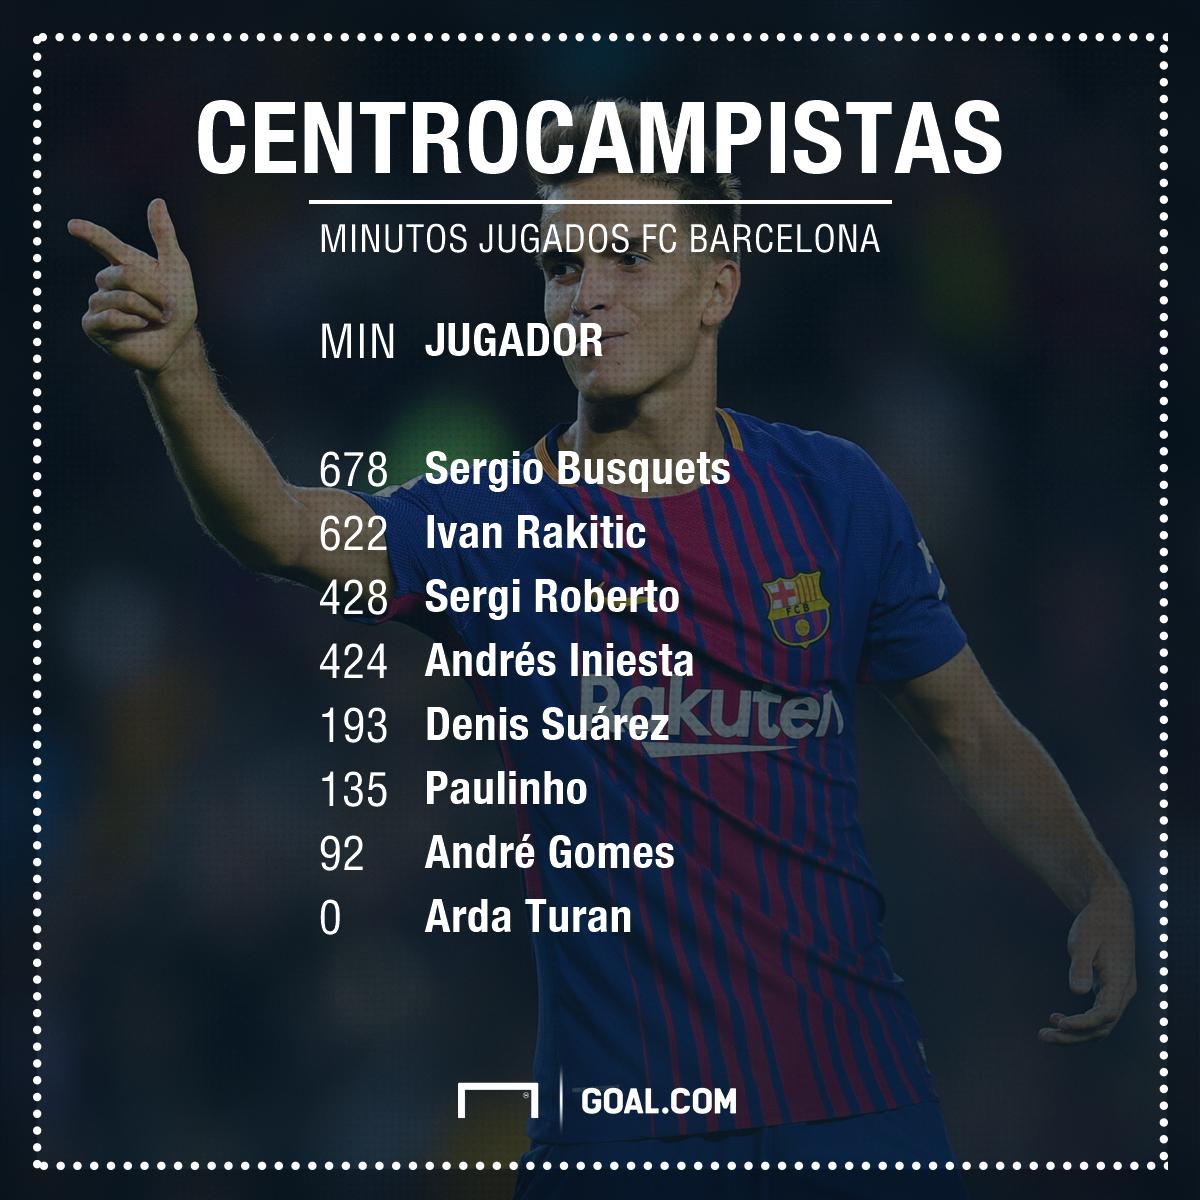 GFX Barcelona centrocampista